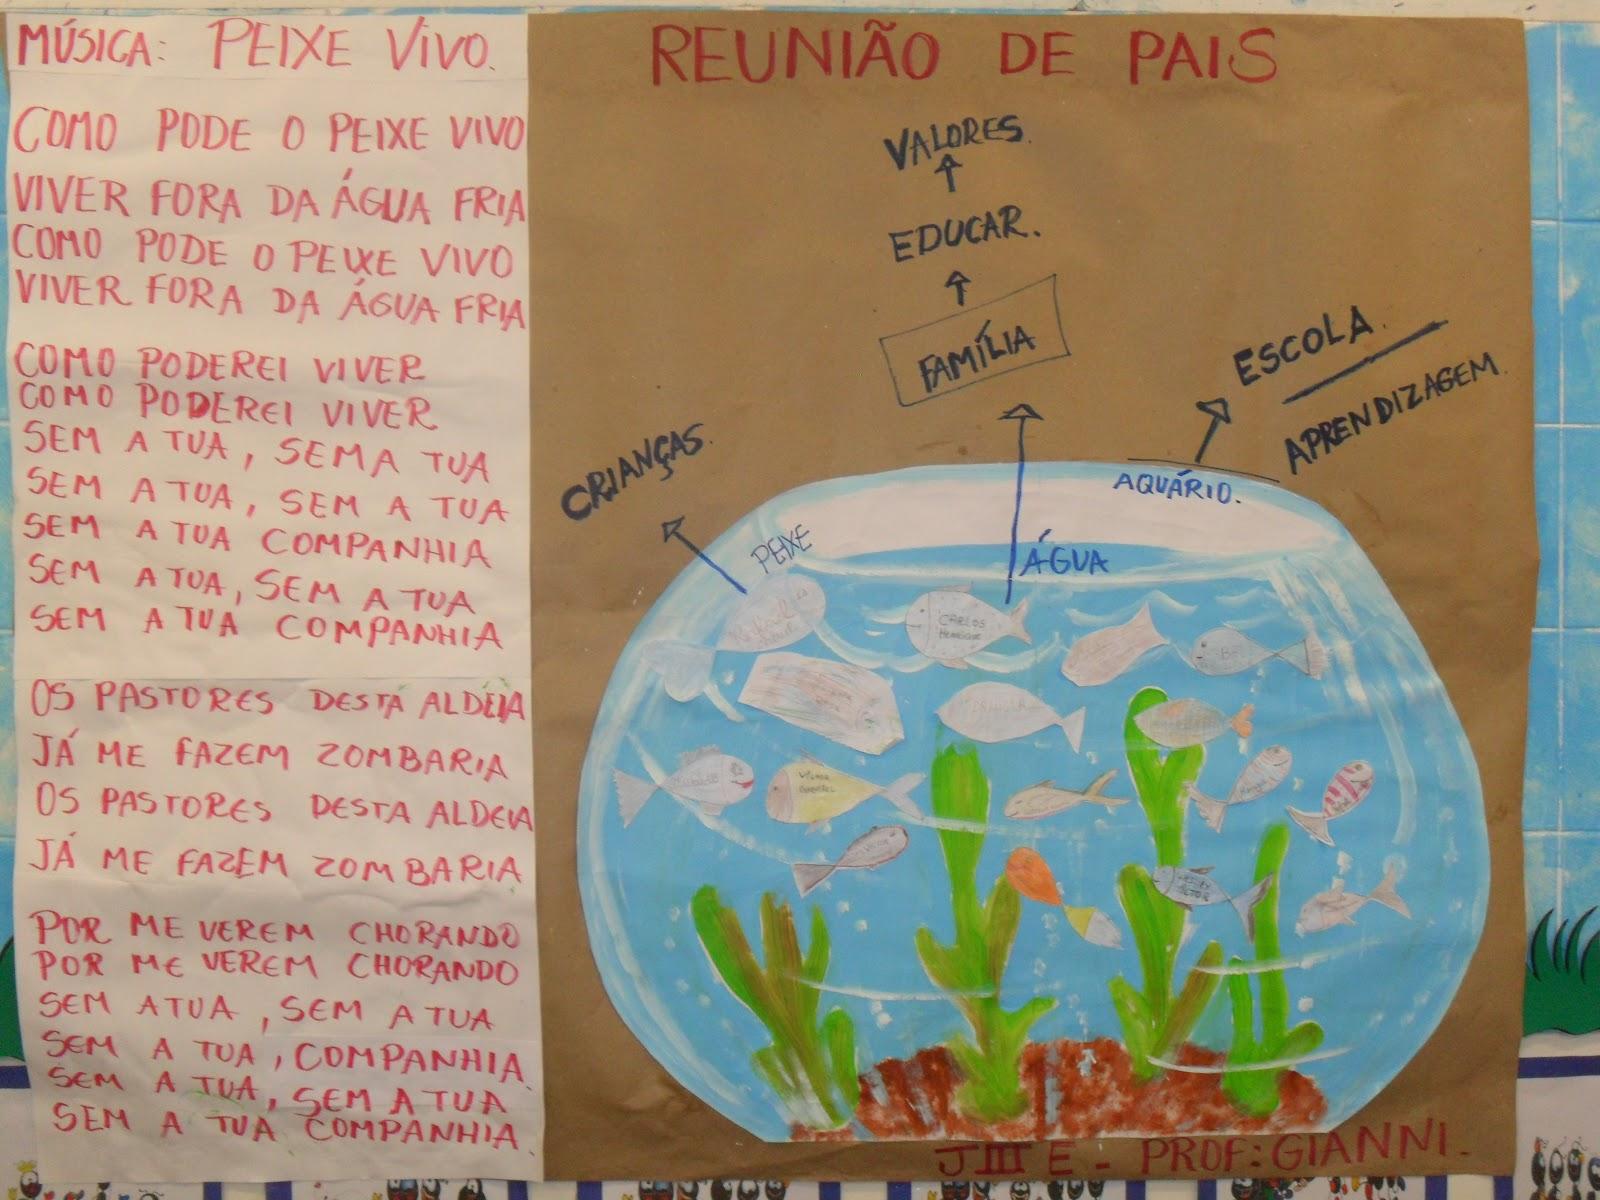 Amado Dinâmicas para reunião de pais Dinâmica do peixinho no aquário  PB23